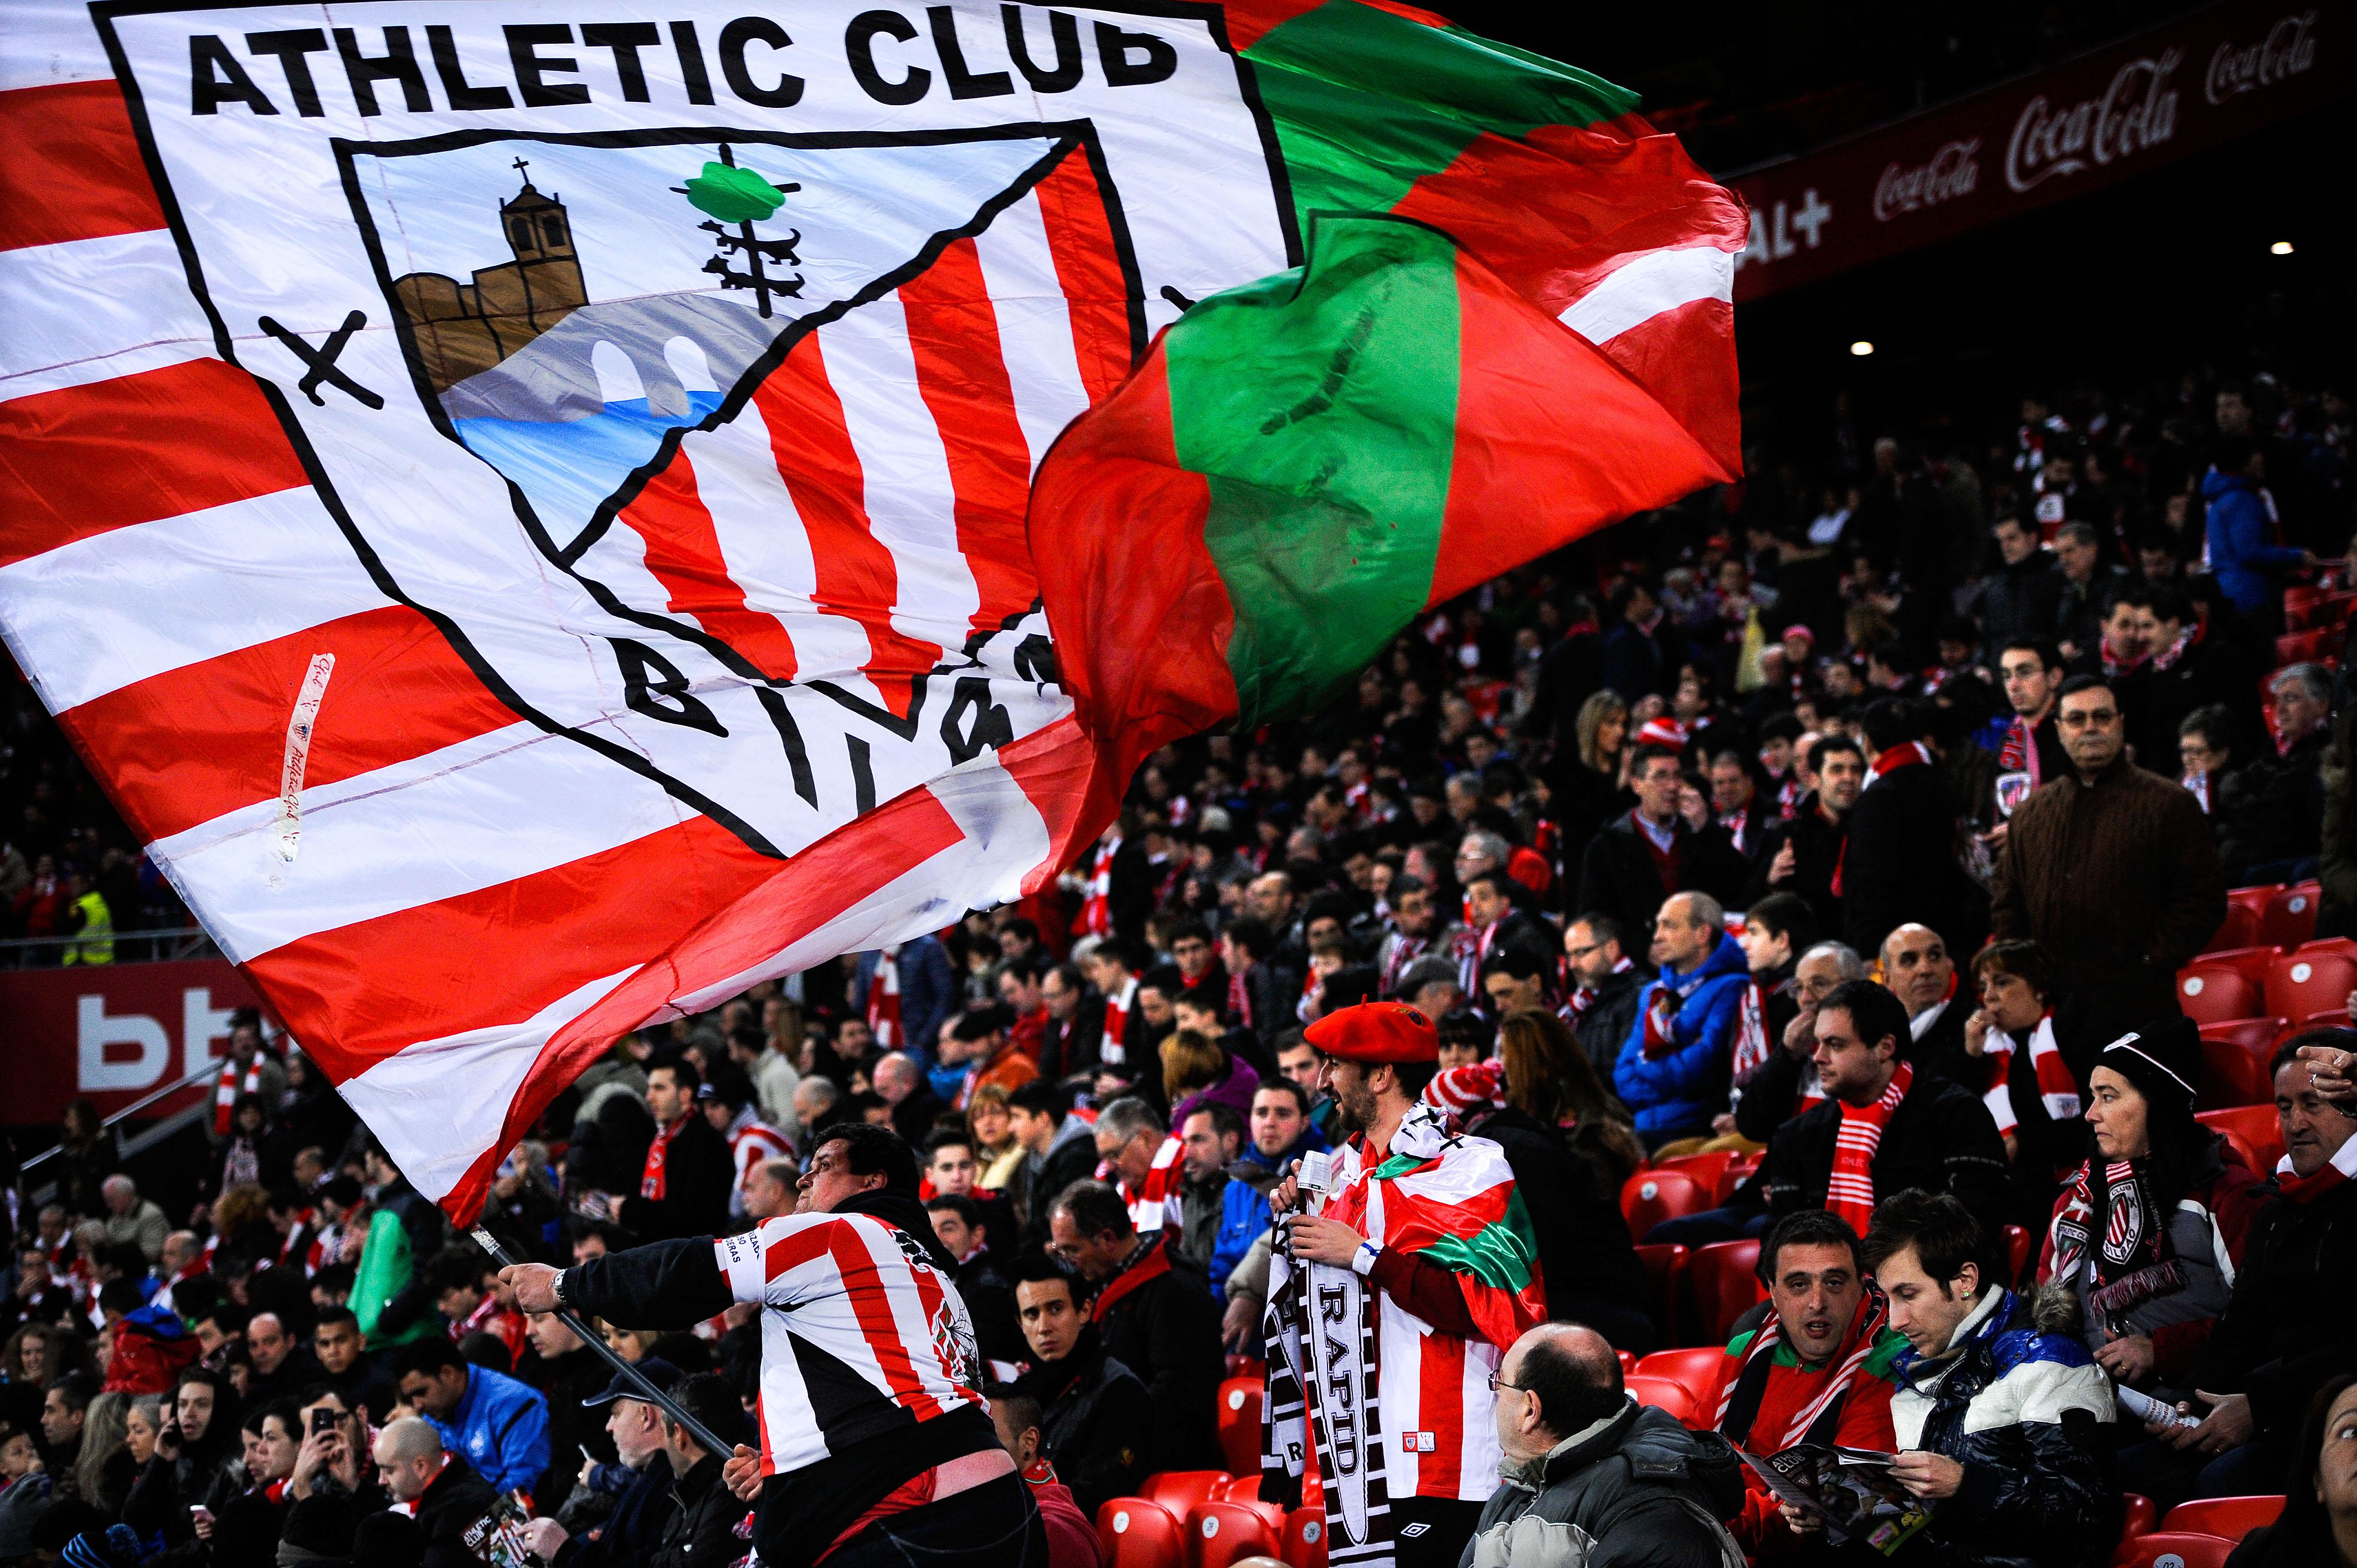 Lauantaina Atlético Madrid matkaa fanaattisen kotiyleisönsä edessä pelaavan Athletico Bilbaon vieraaksi legendaariselle San Mamesille (Getty)